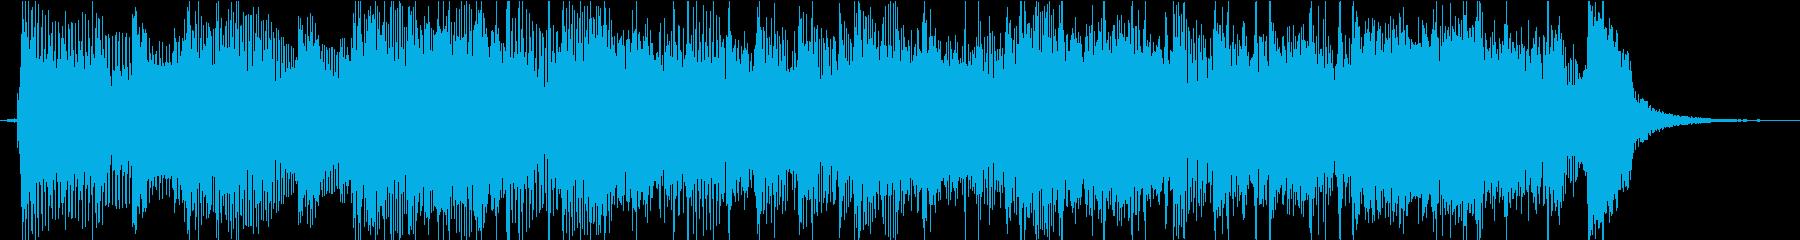 明るくコミカルなジングルの再生済みの波形